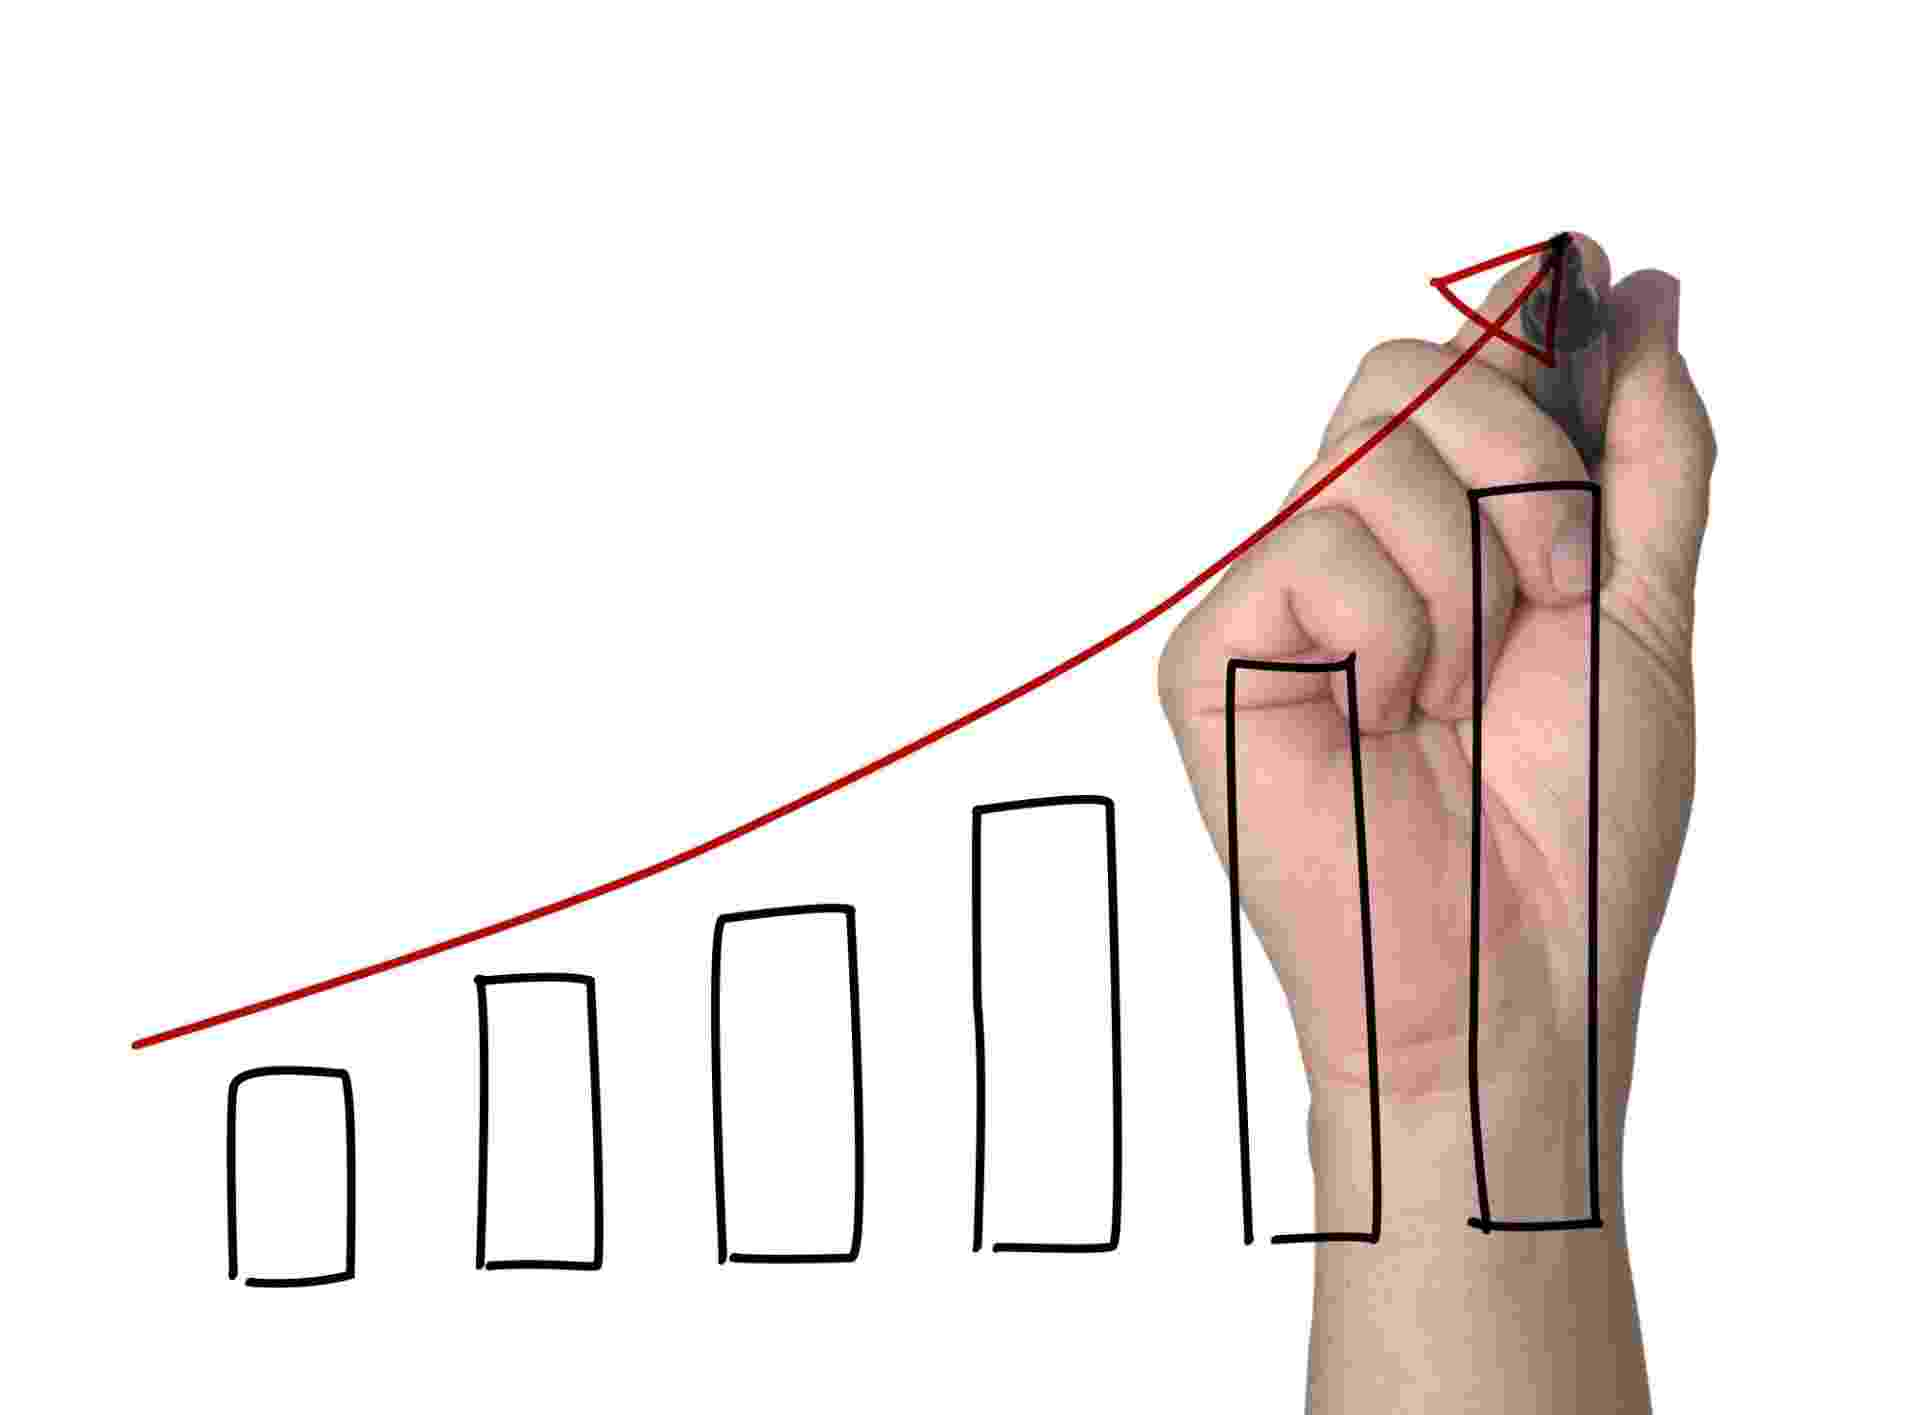 lucro, projeção, crescimento, gráfico, estimativa - Thinkstock